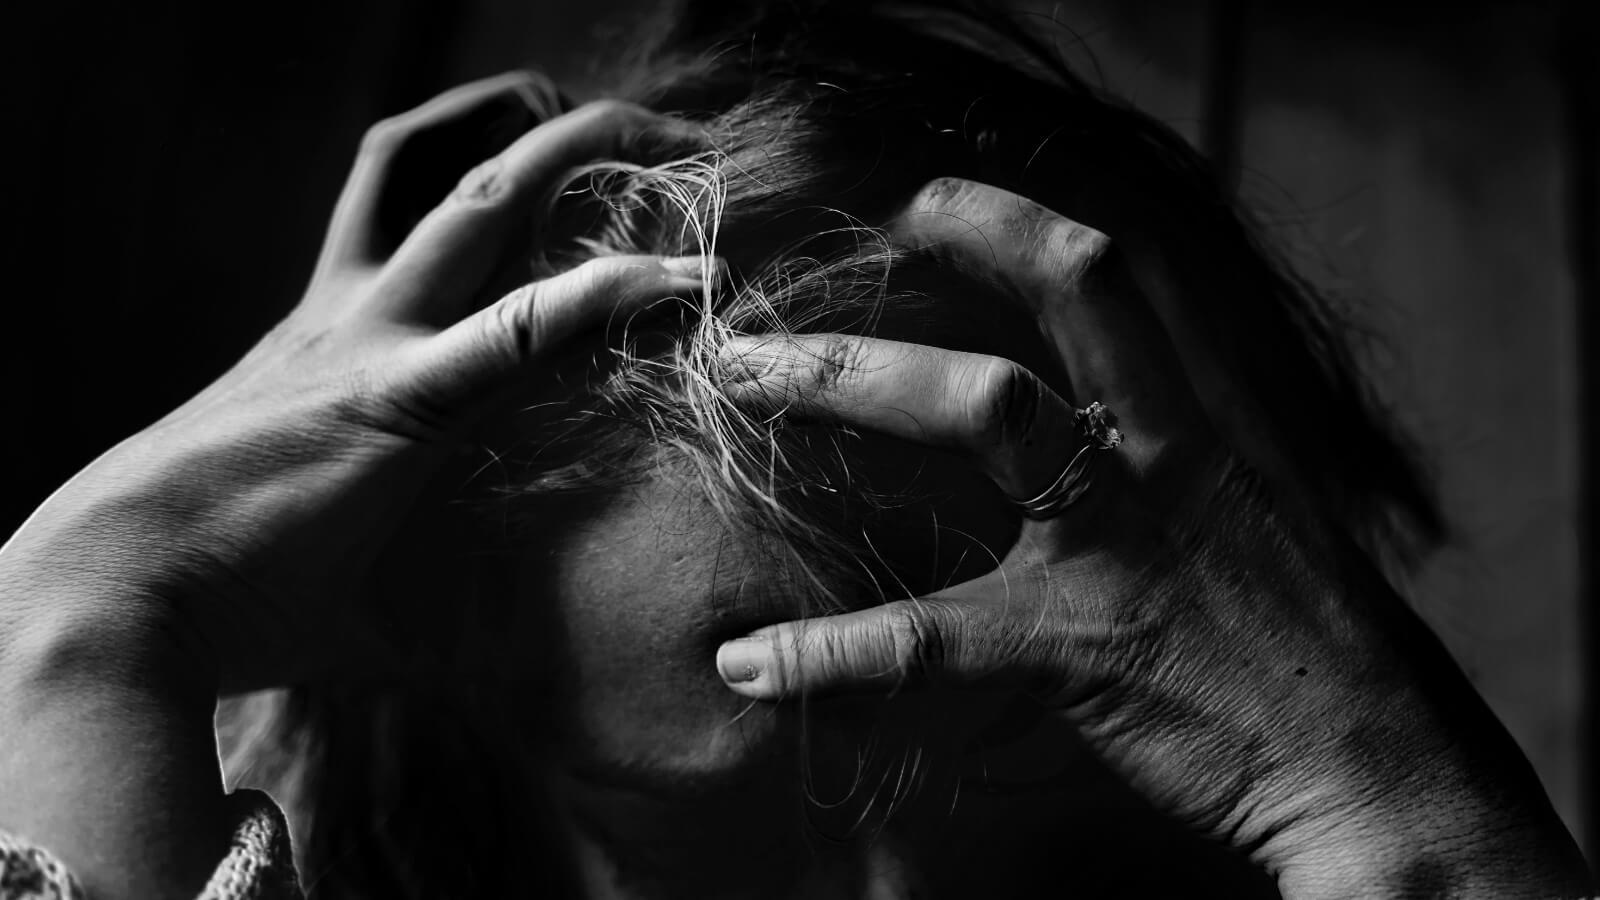 Üniversite Sınavına Hazırlanırken Stresle Başa Çıkmanın 5 Yolu!